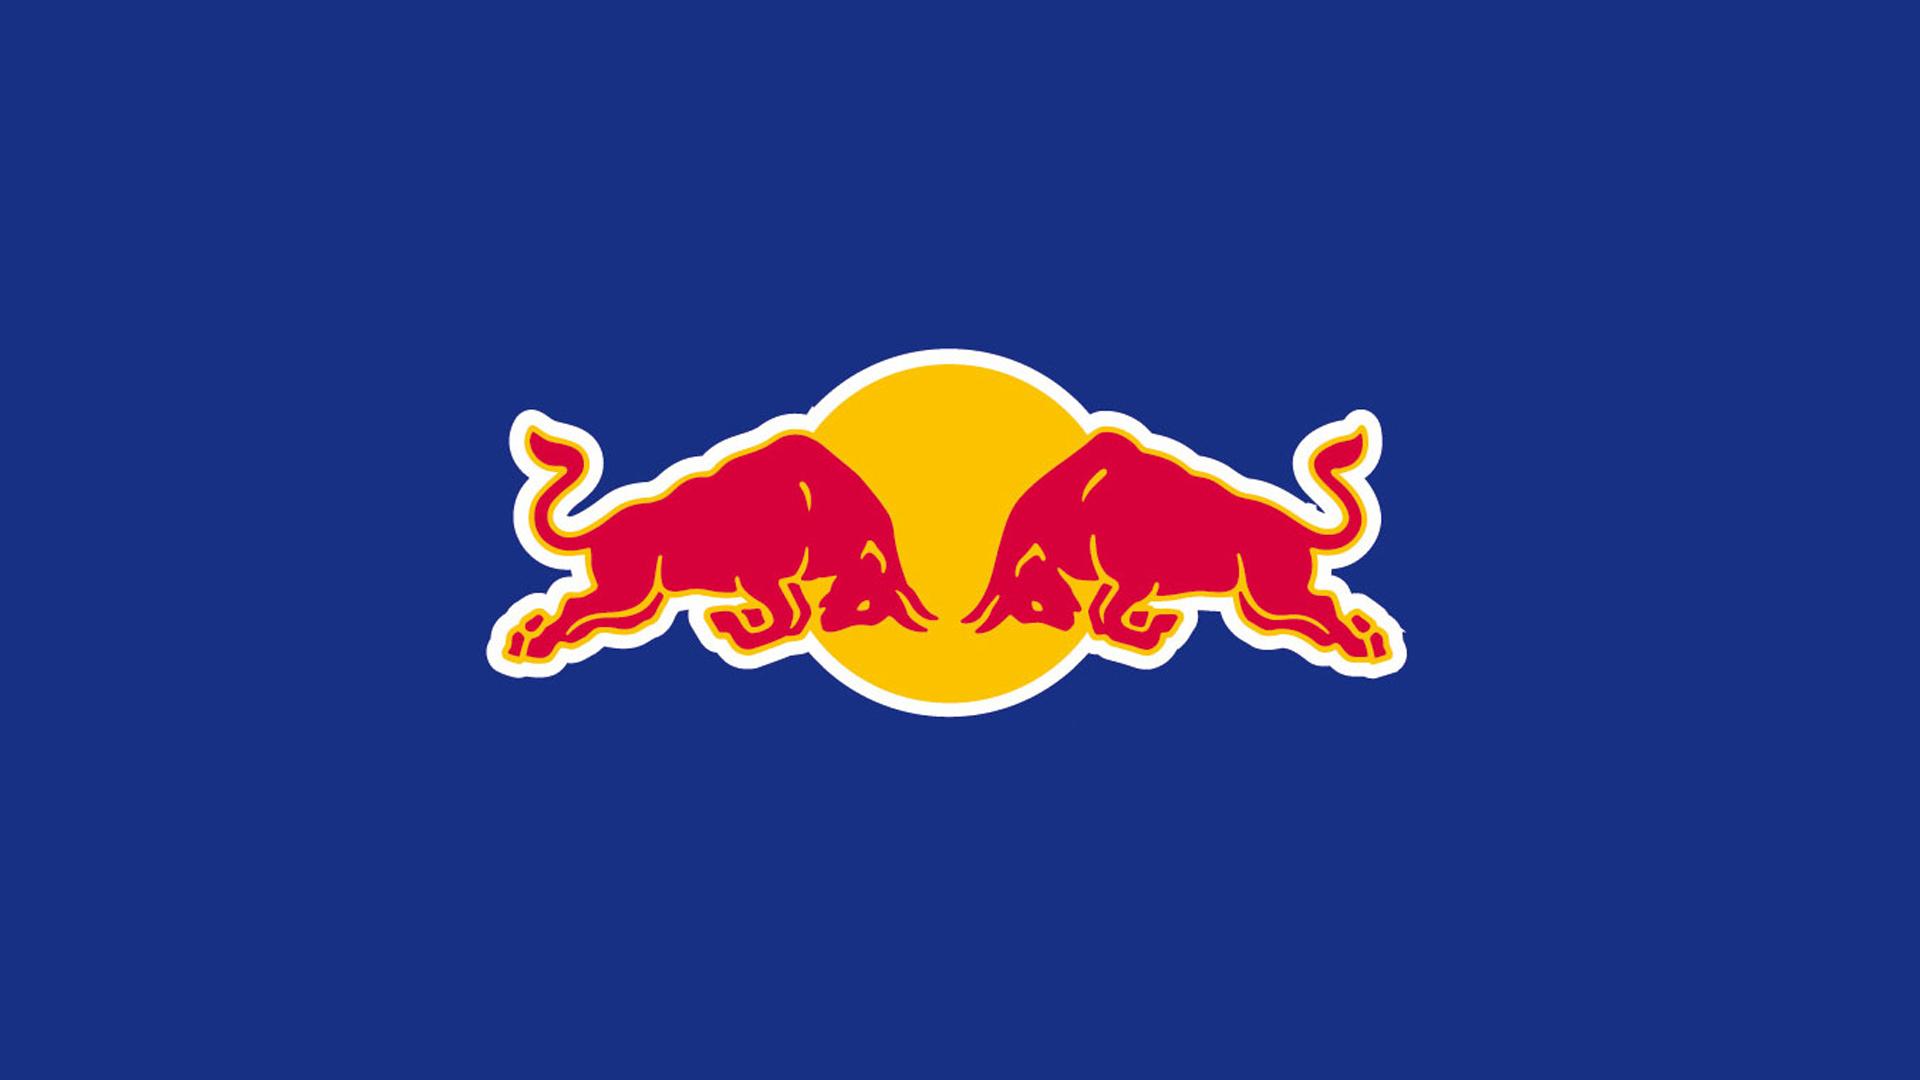 red bull logo wallpaper desktop - photo #14